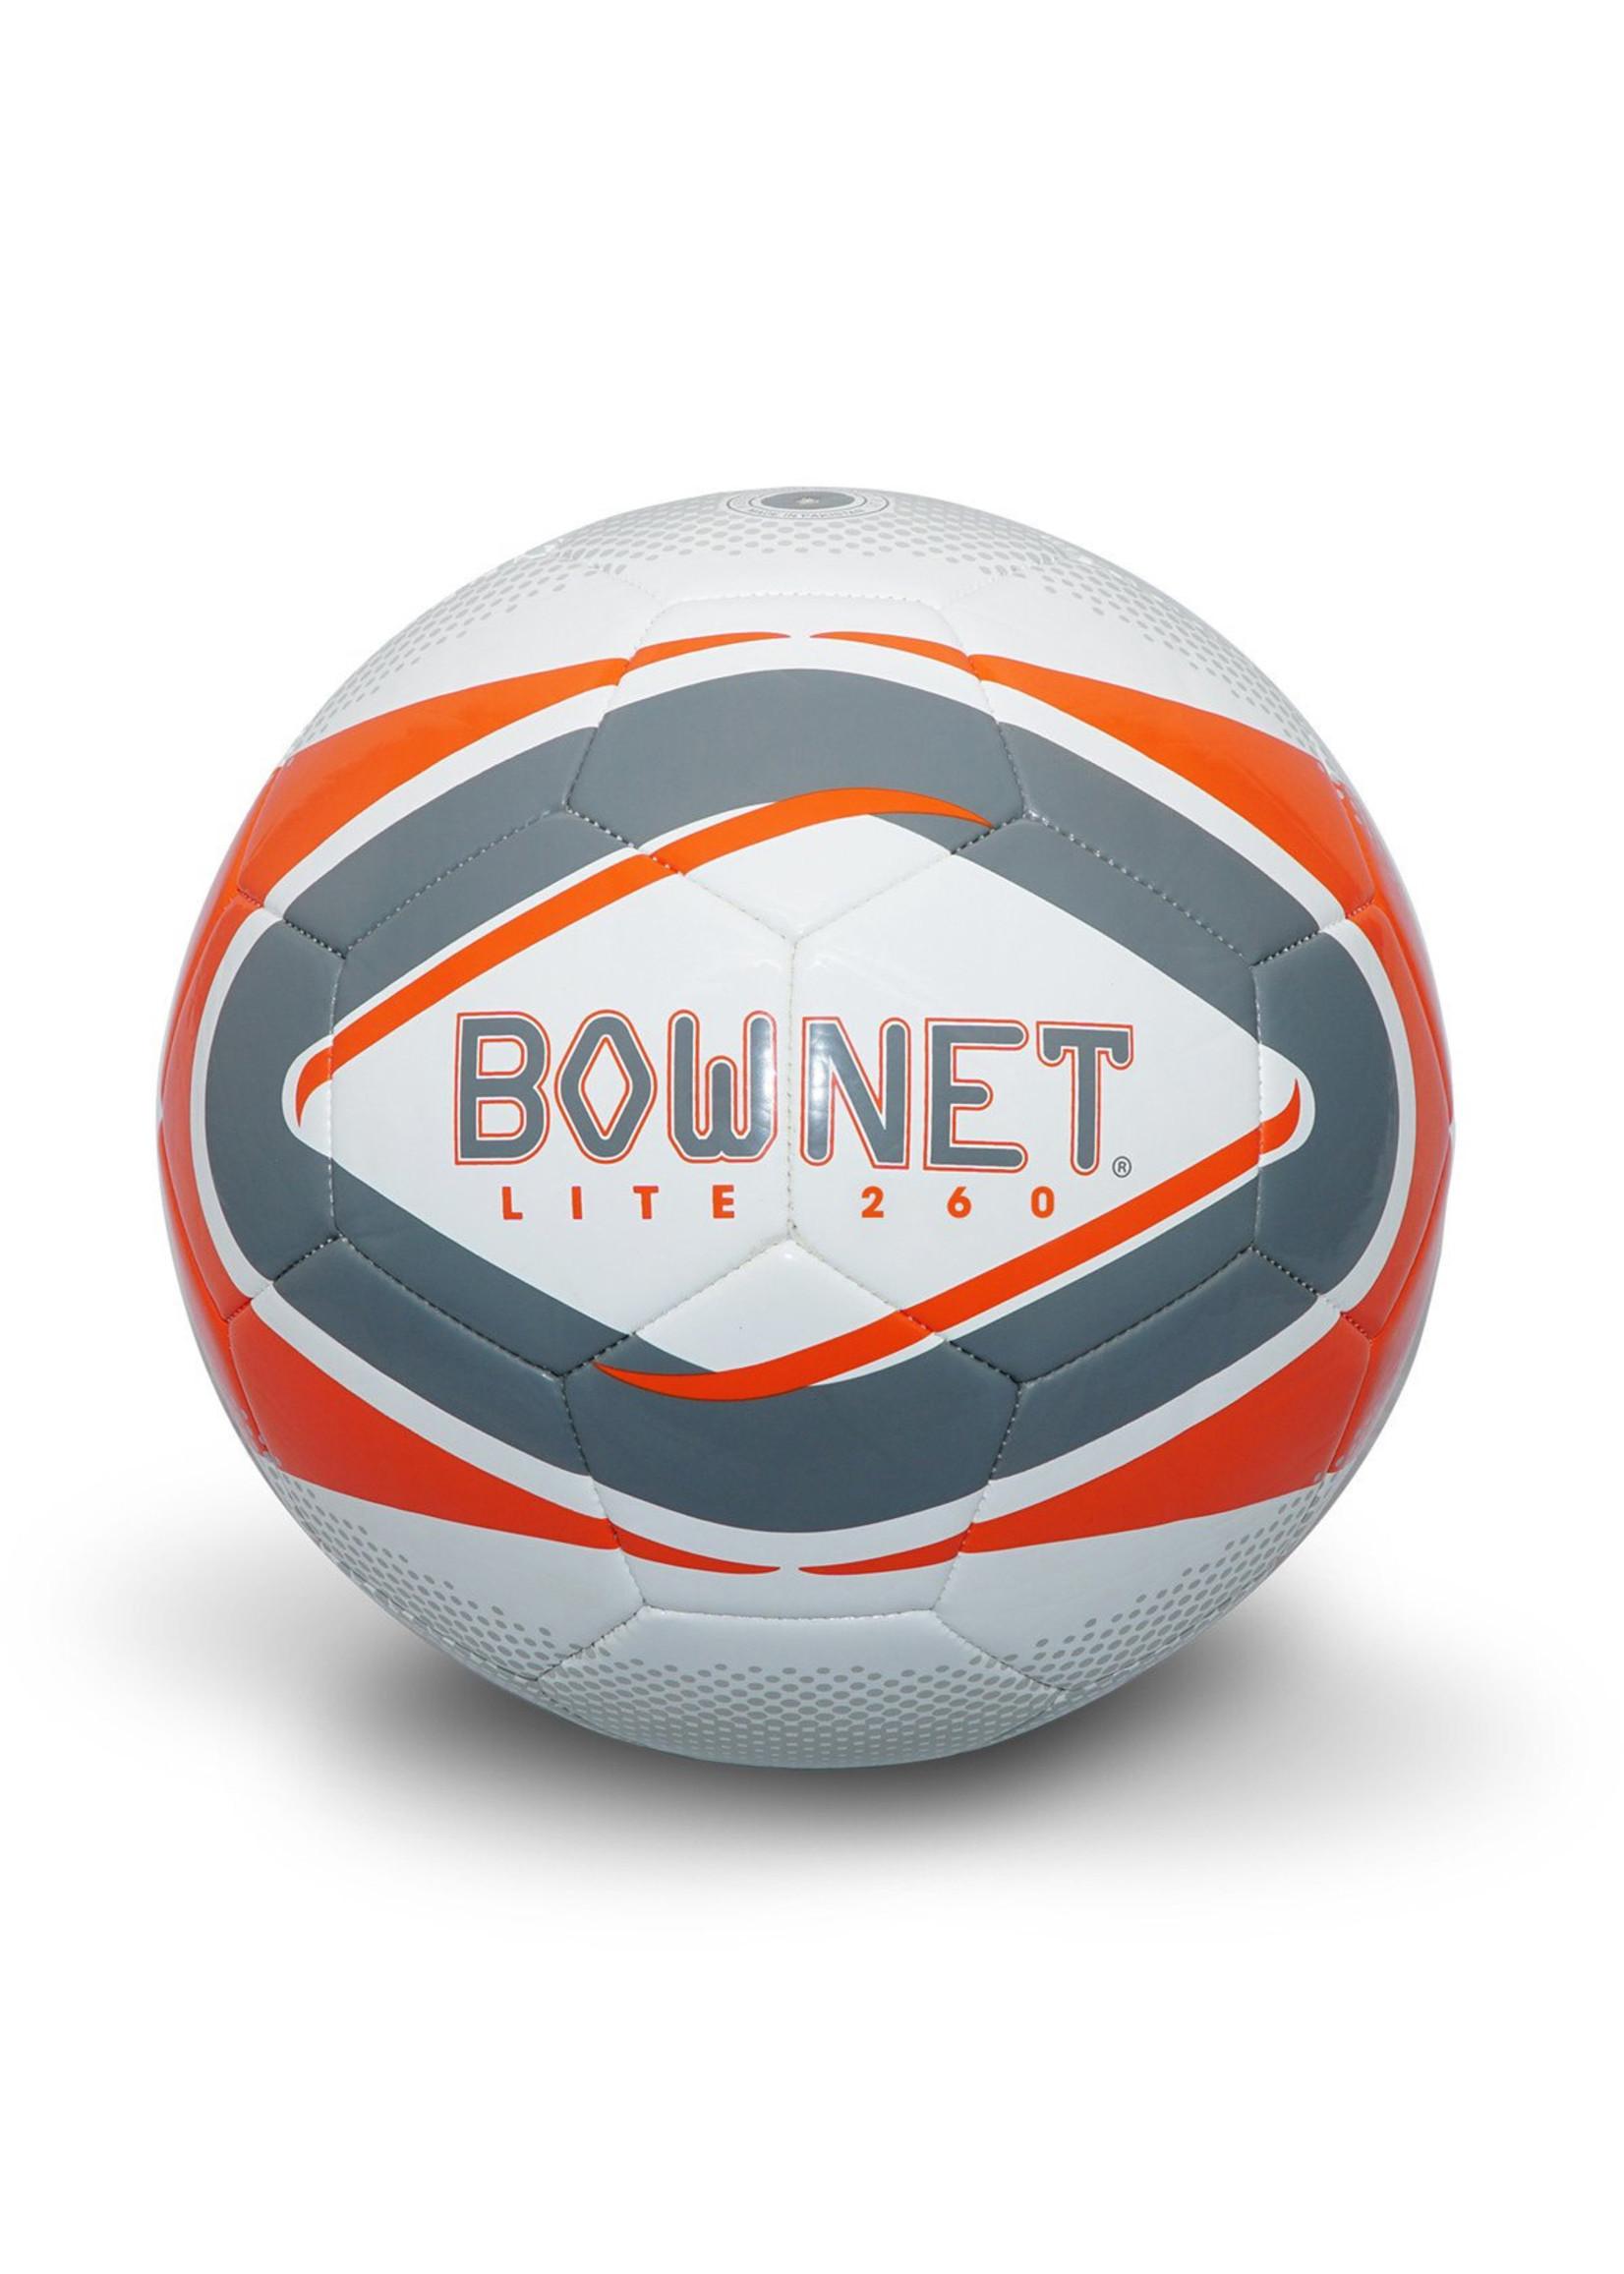 Bownet Lite 260